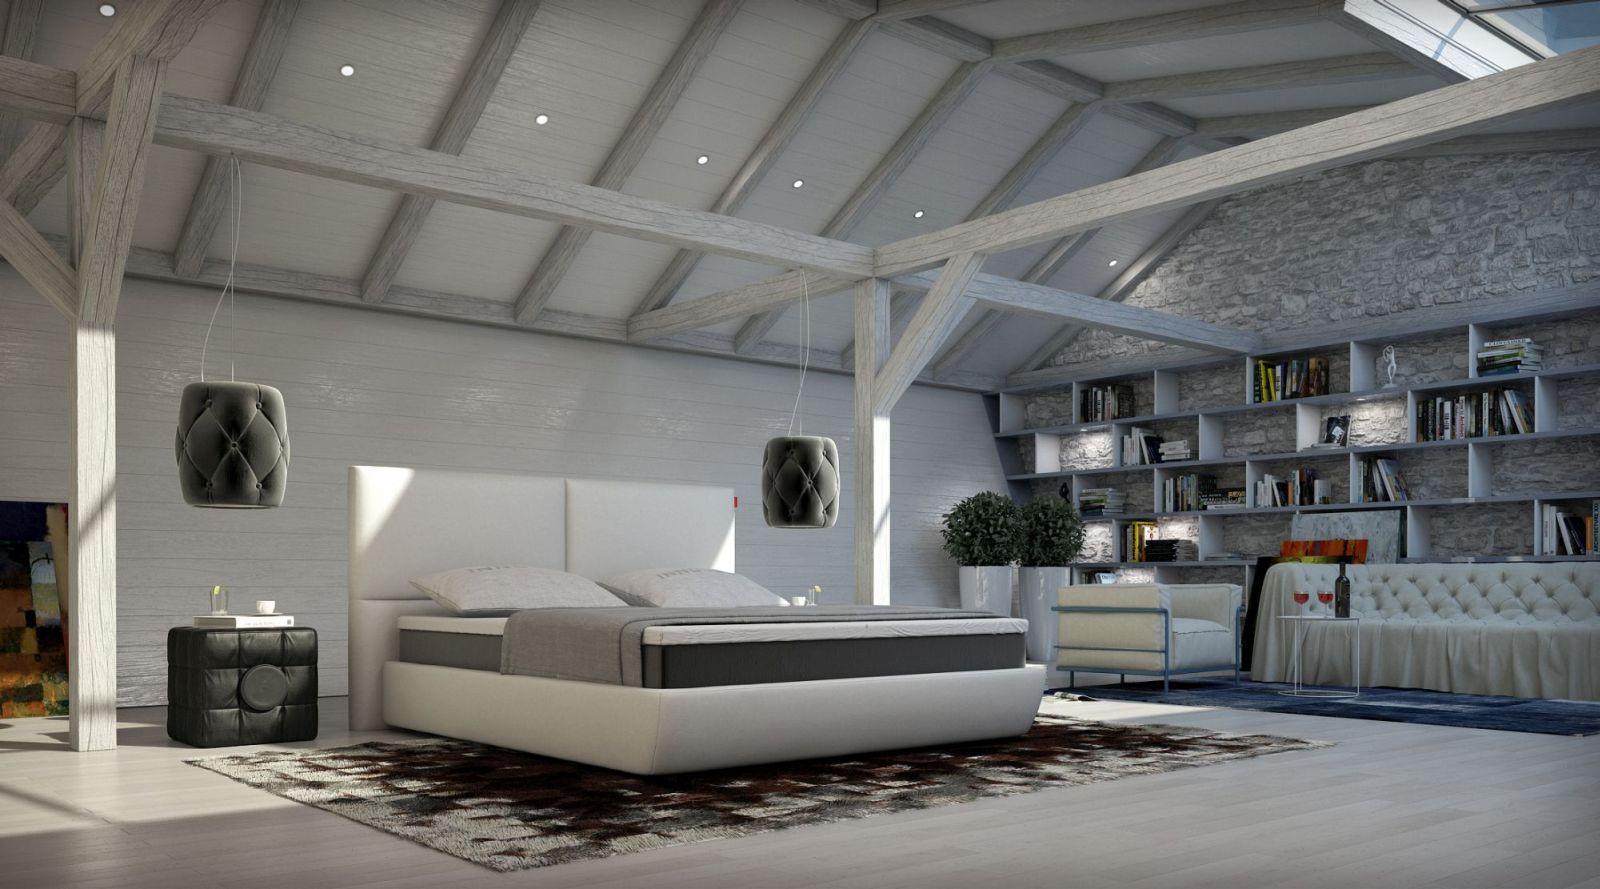 Boxspringbett Fano Contemporary Bedroom Decor Bedroom Colors